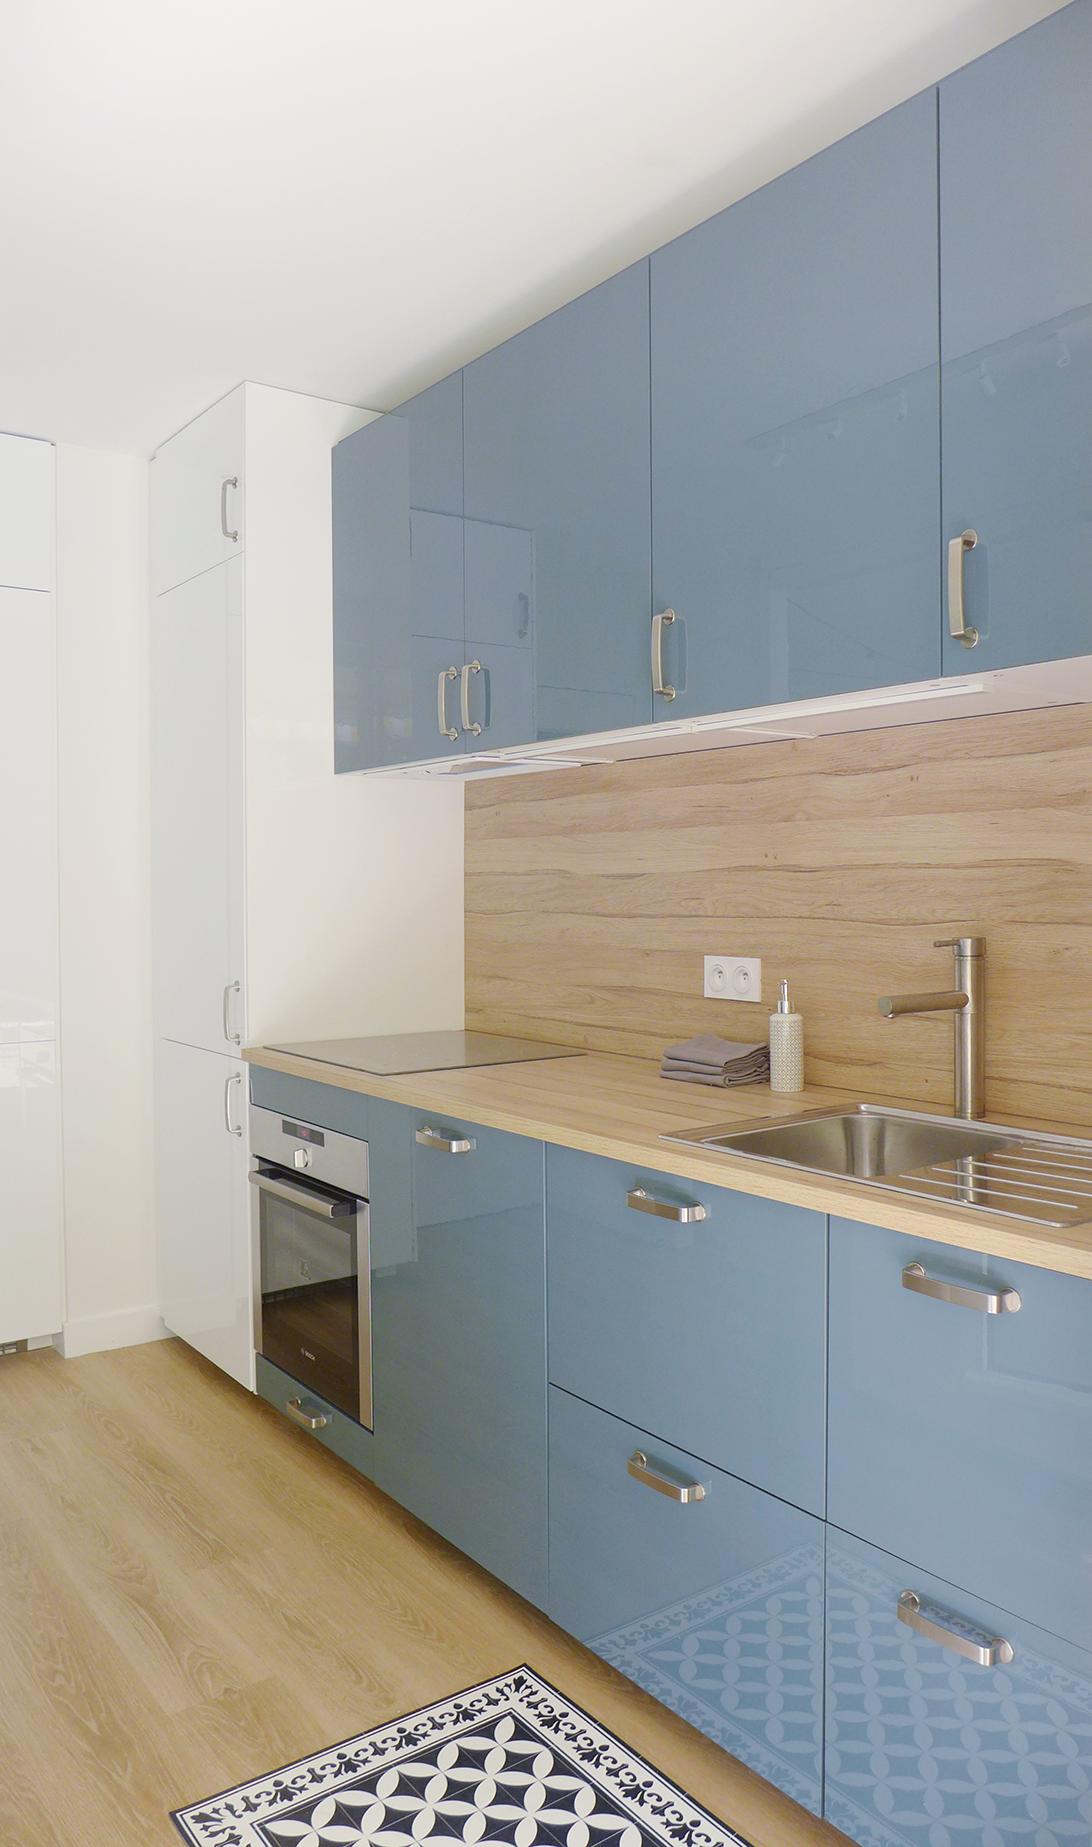 Www.skeadesigner.com   Une Cuisine Intégrée IKEA METOD Bleu Et Bois    Inspiration Nordique   De La Couleur Dans La Déco   Design Du0027intérieur    Déco